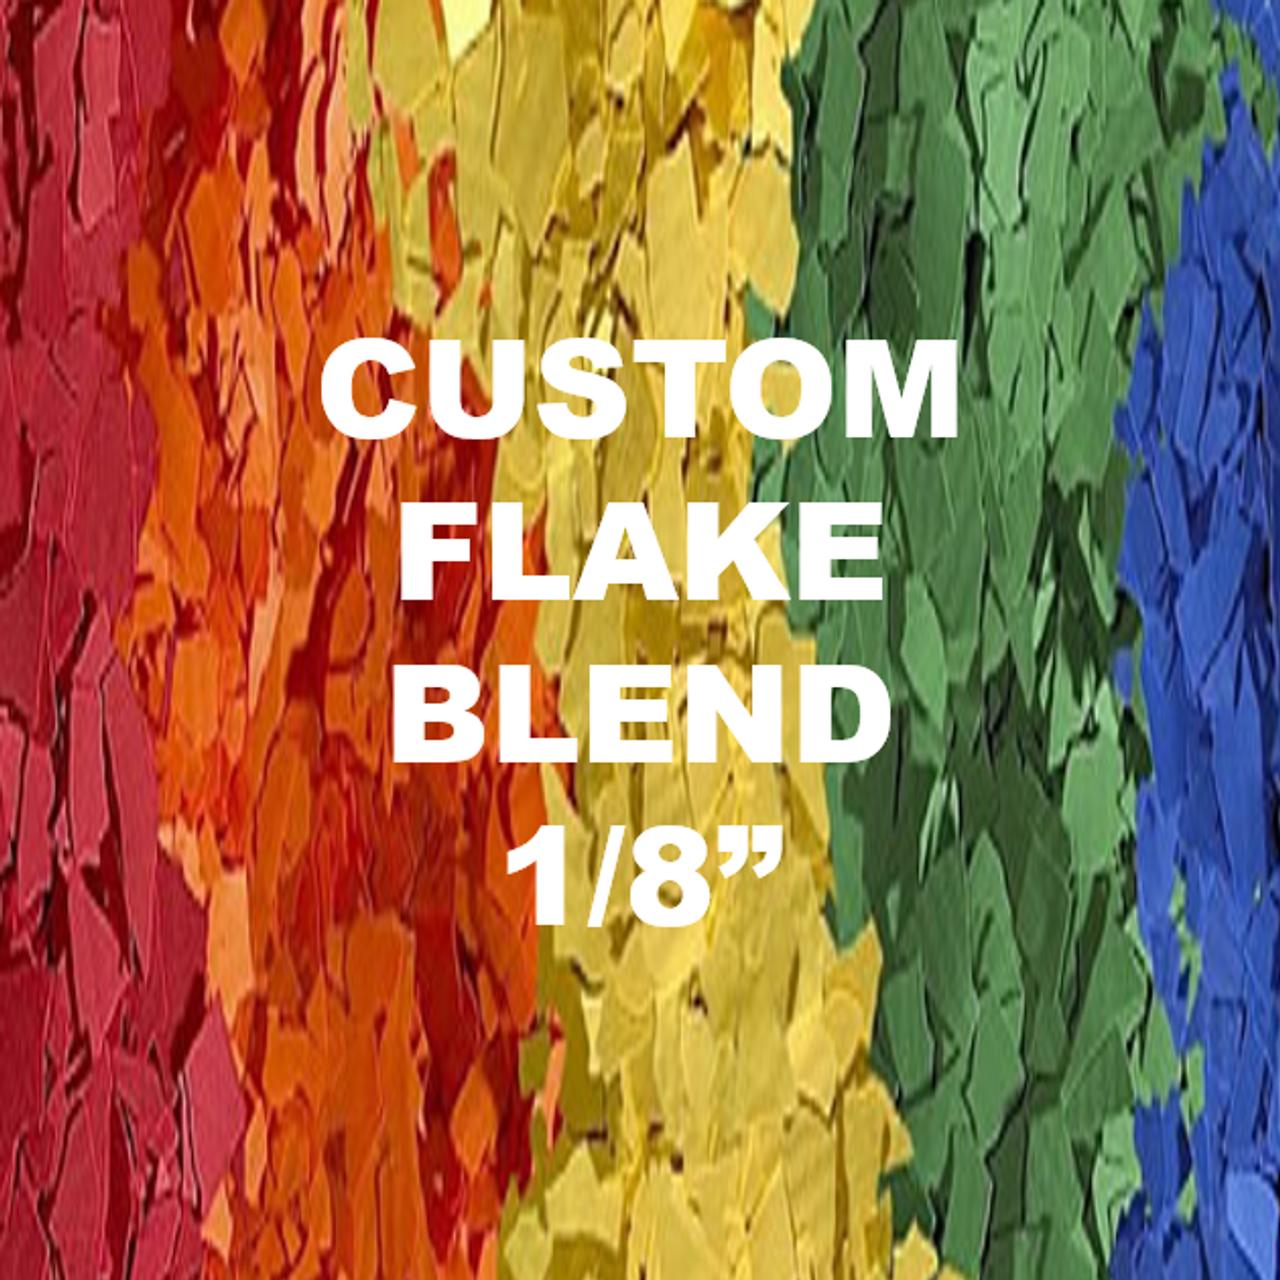 """1/32"""", 1/16"""", or 1/8"""" Custom Blended Flake"""